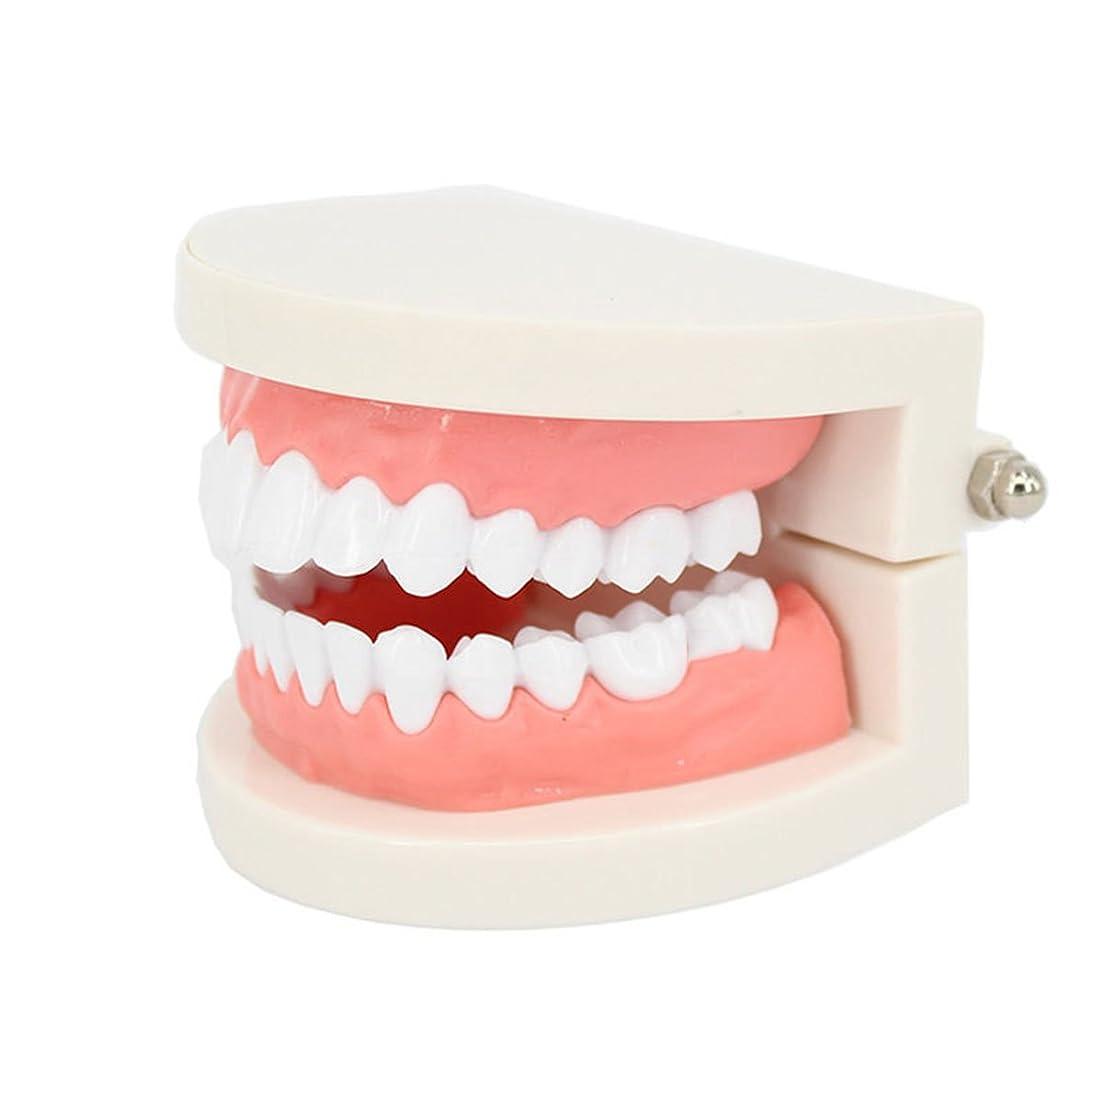 肺炎吸うデコードするROSENICE 歯科医 歯列模型 歯は着脱可能 指導用模型